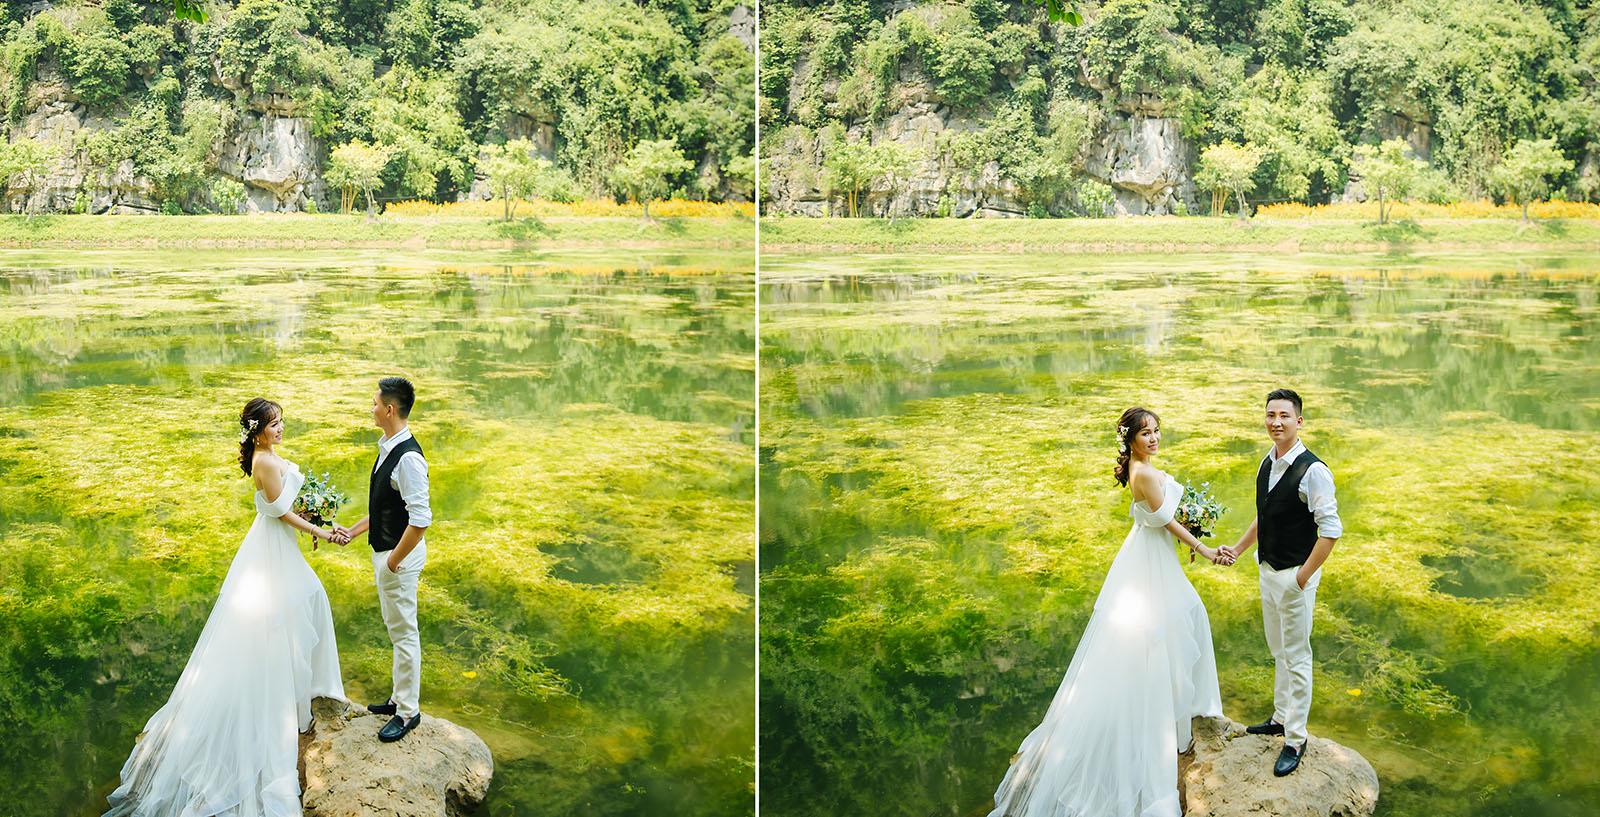 Chụp ảnh cưới ở Tràng An – Ninh Bình đẹp mê hồn tại Bạch Tuyết Bridal